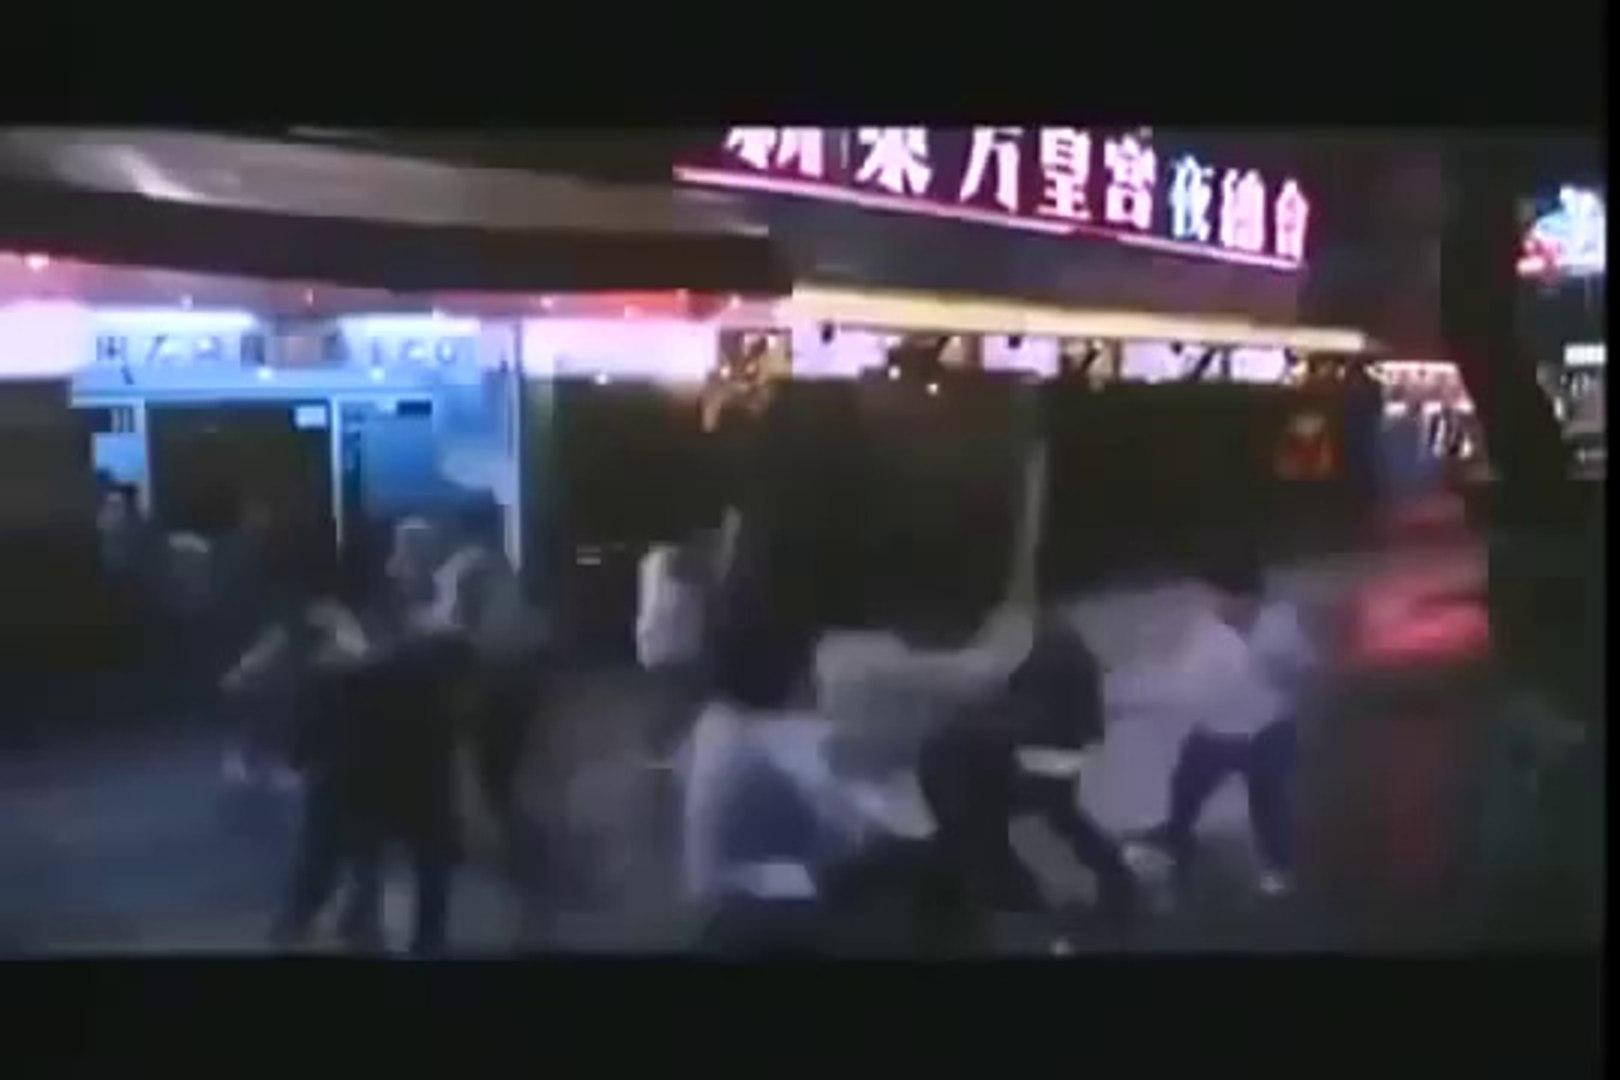 Xem Phim hay 2014 - Tuyệt Thế Anh Hùng - Xem phim hay mới nhất